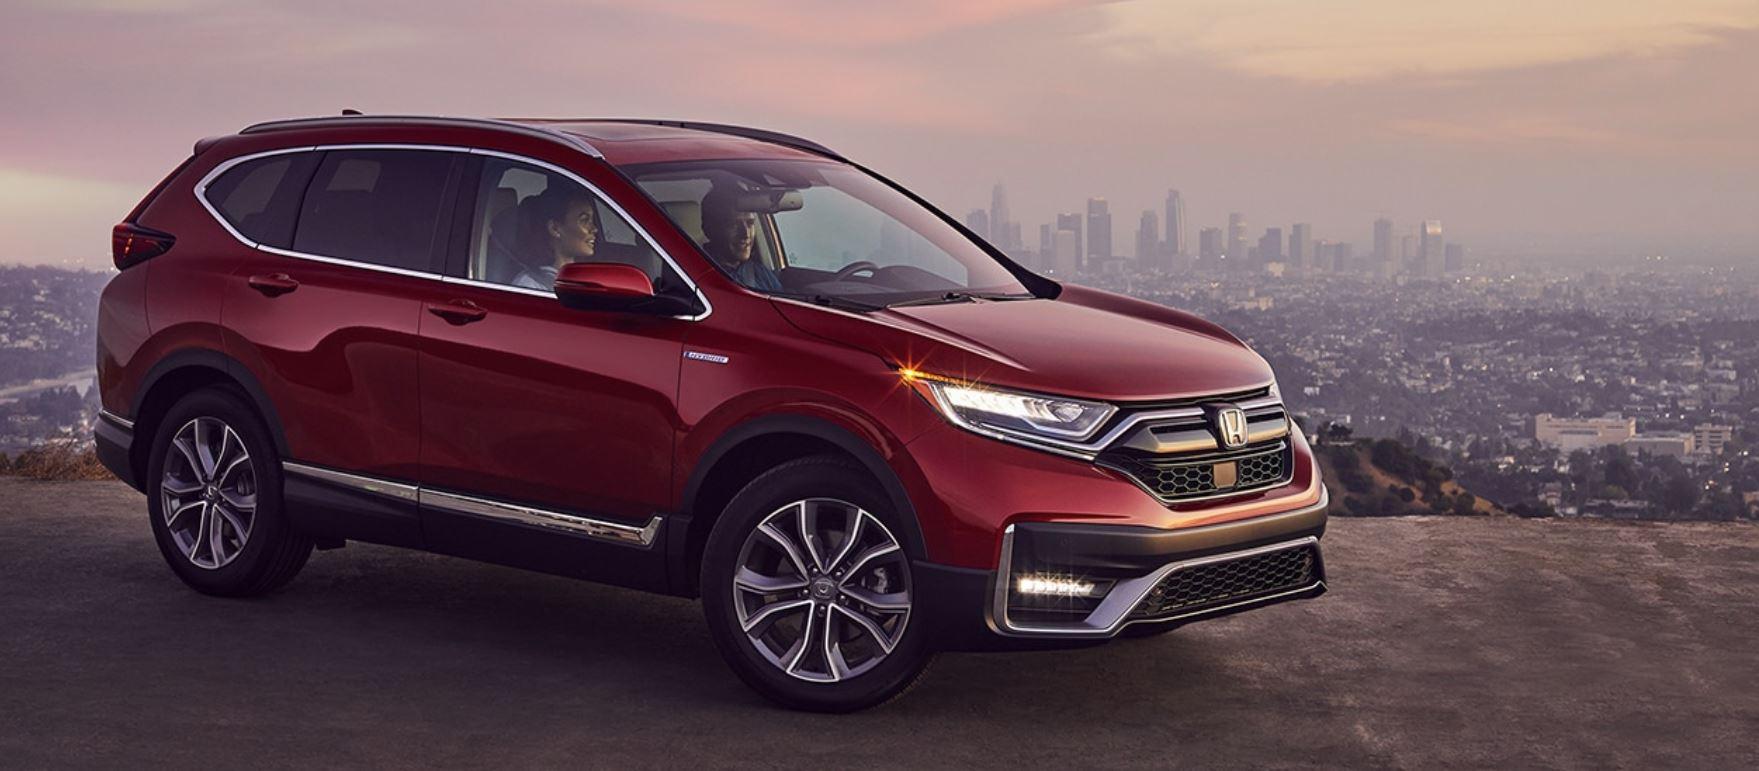 Honda CR-V Hybrid 2020 a la venta cerca de Washington, DC